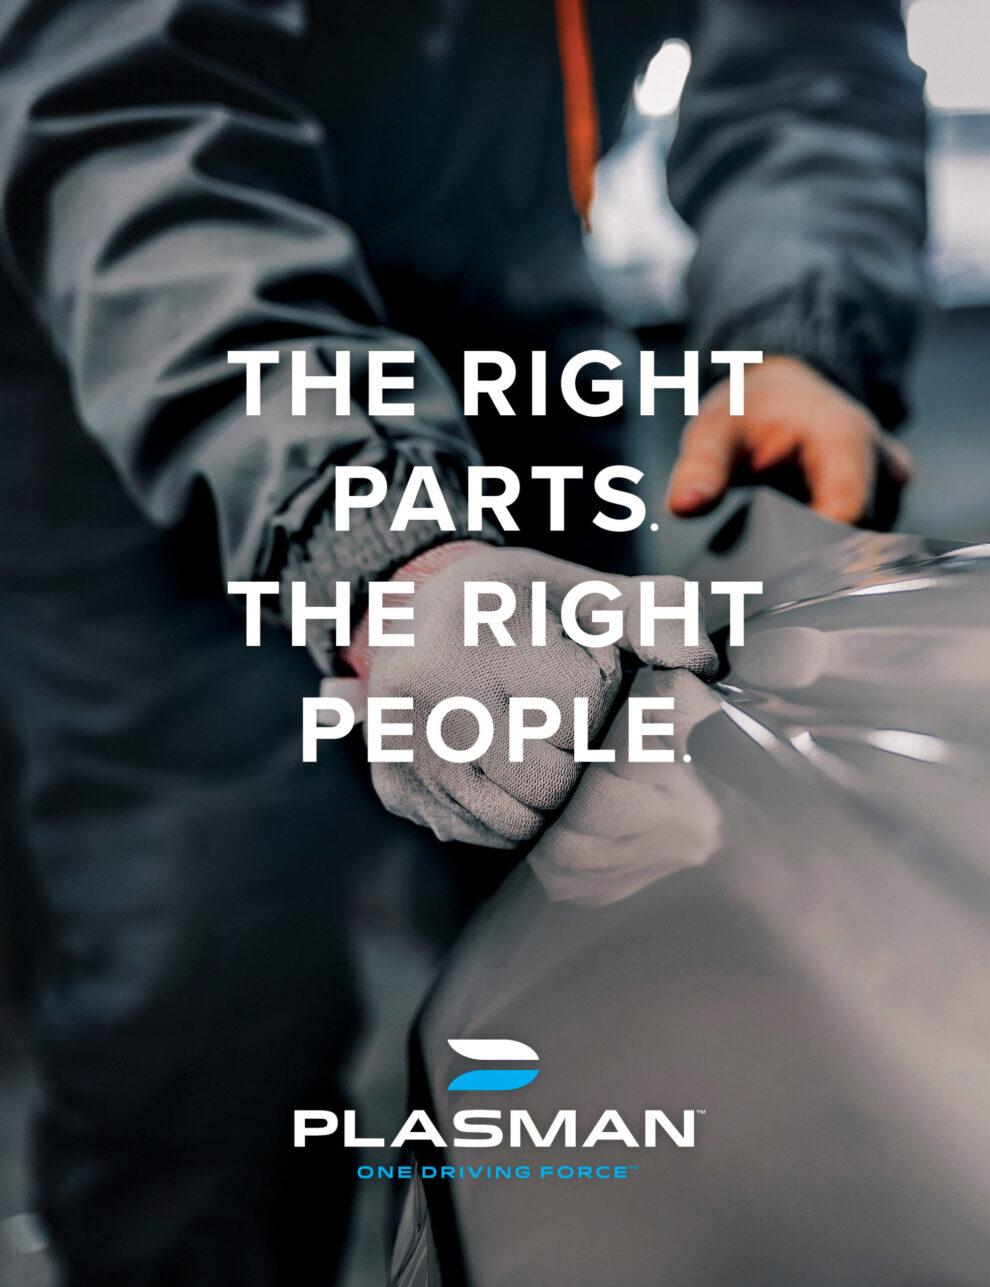 plasman_poster_03